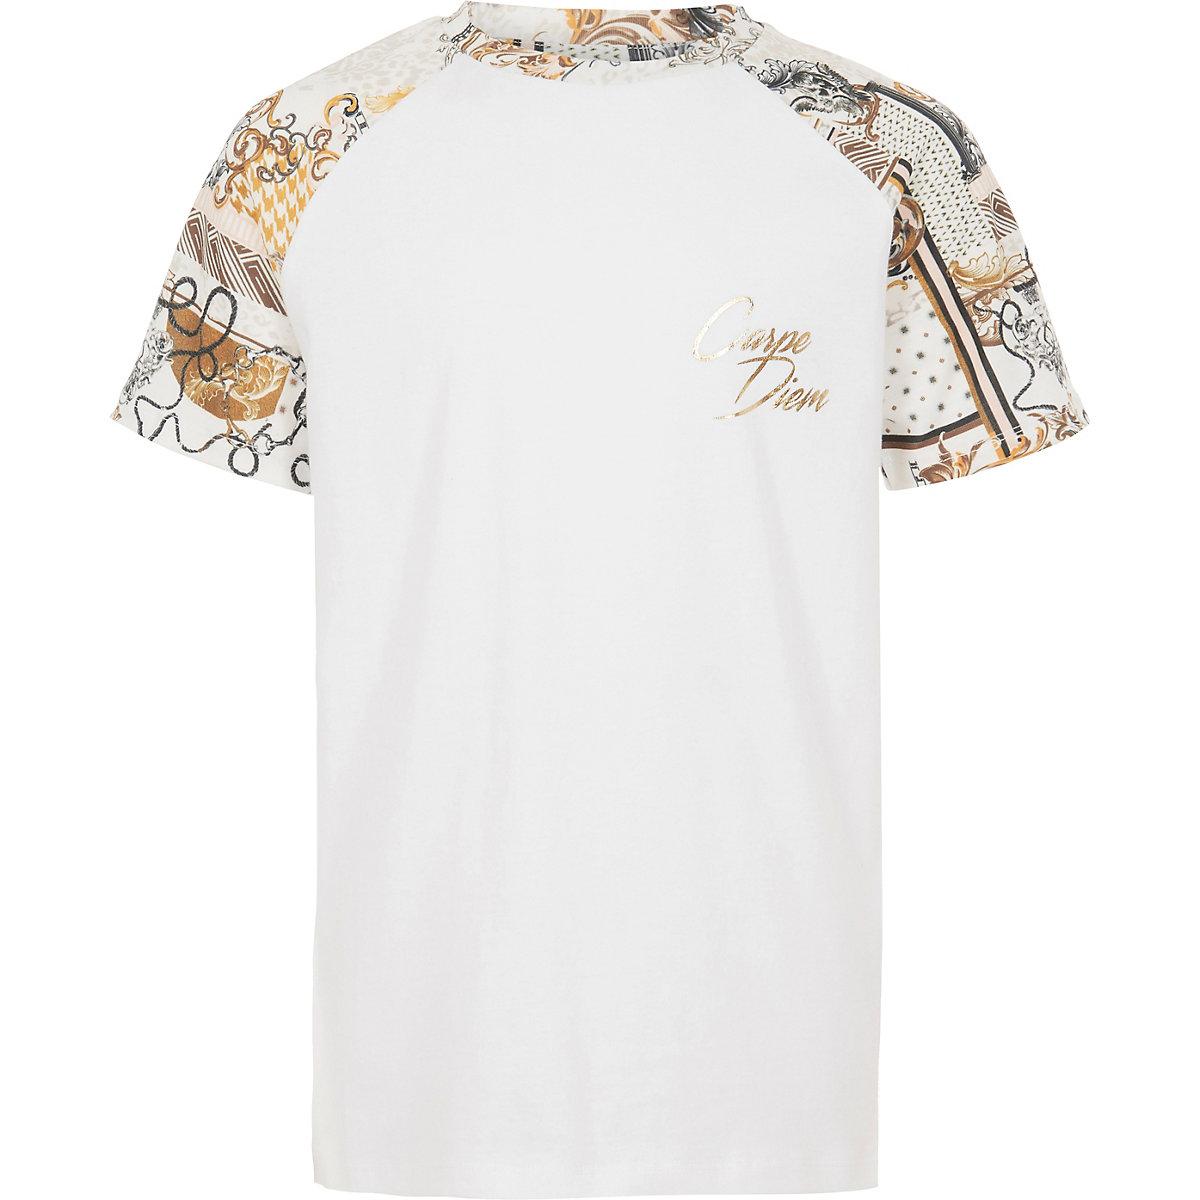 Boys white 'carpe diem' raglan T-shirt